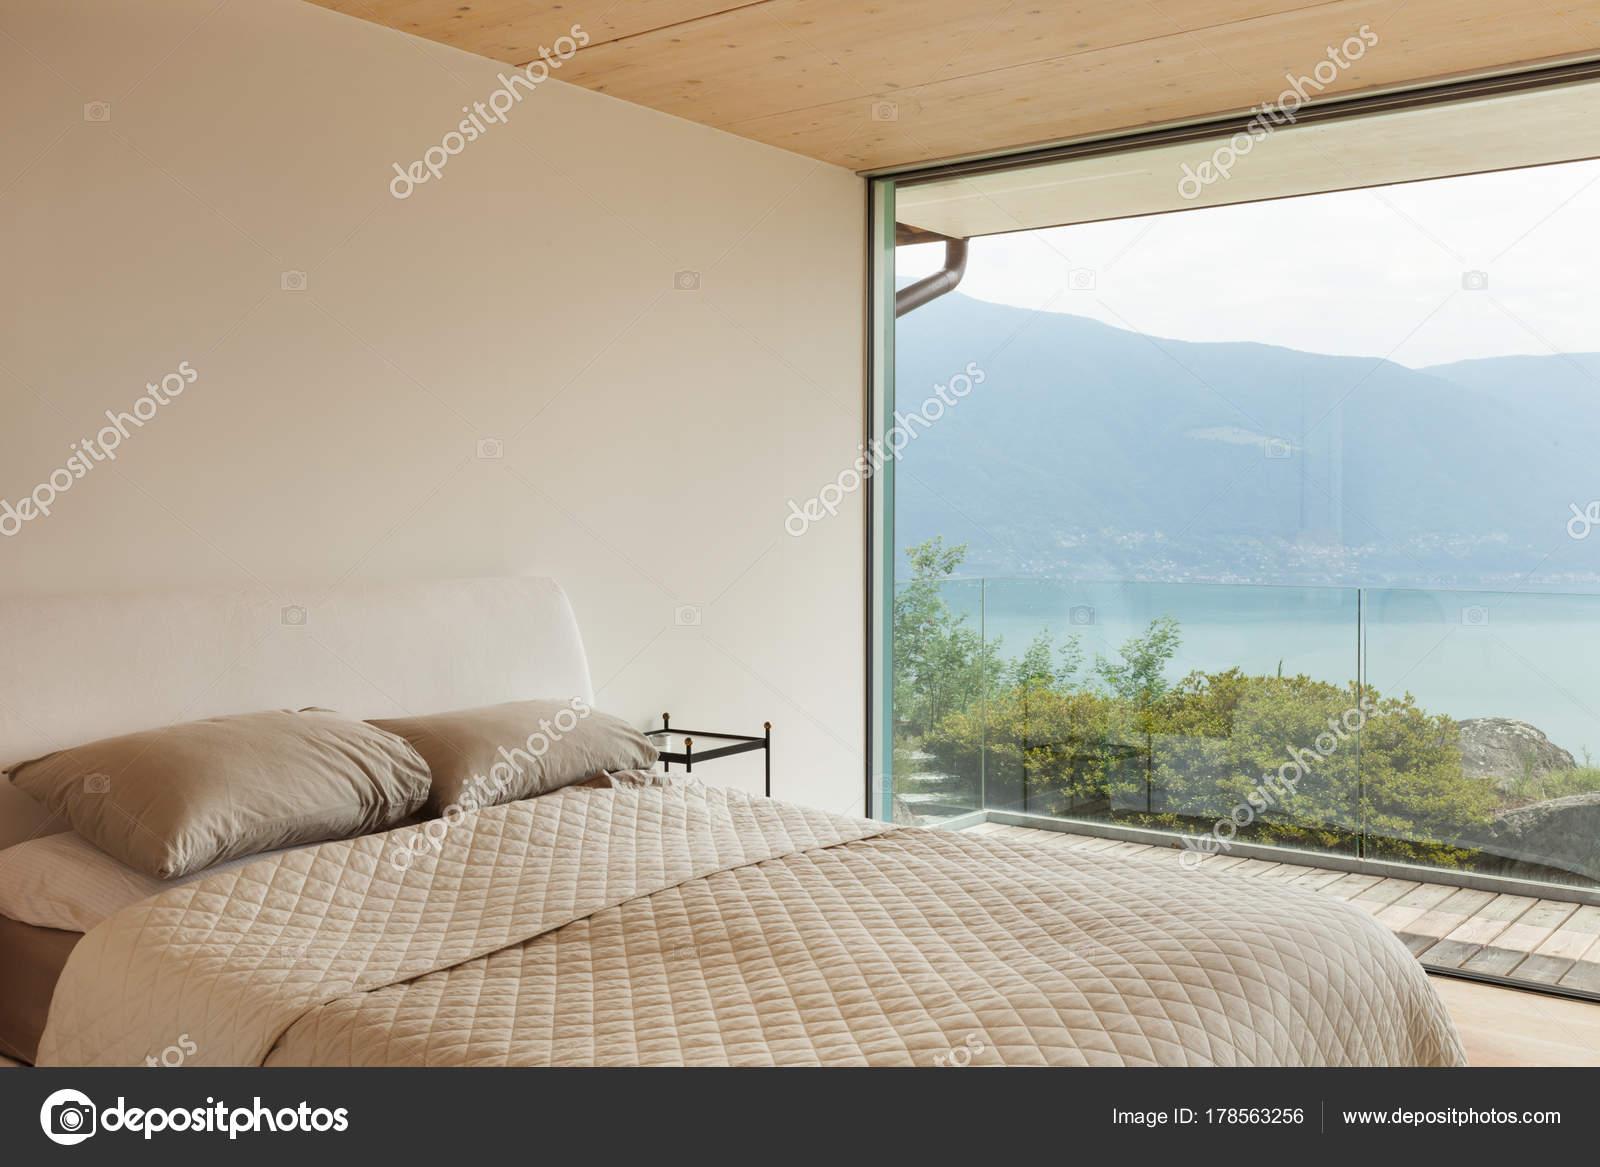 Groß Moderne Architektur Innenarchitektur Ideen - Images for ...